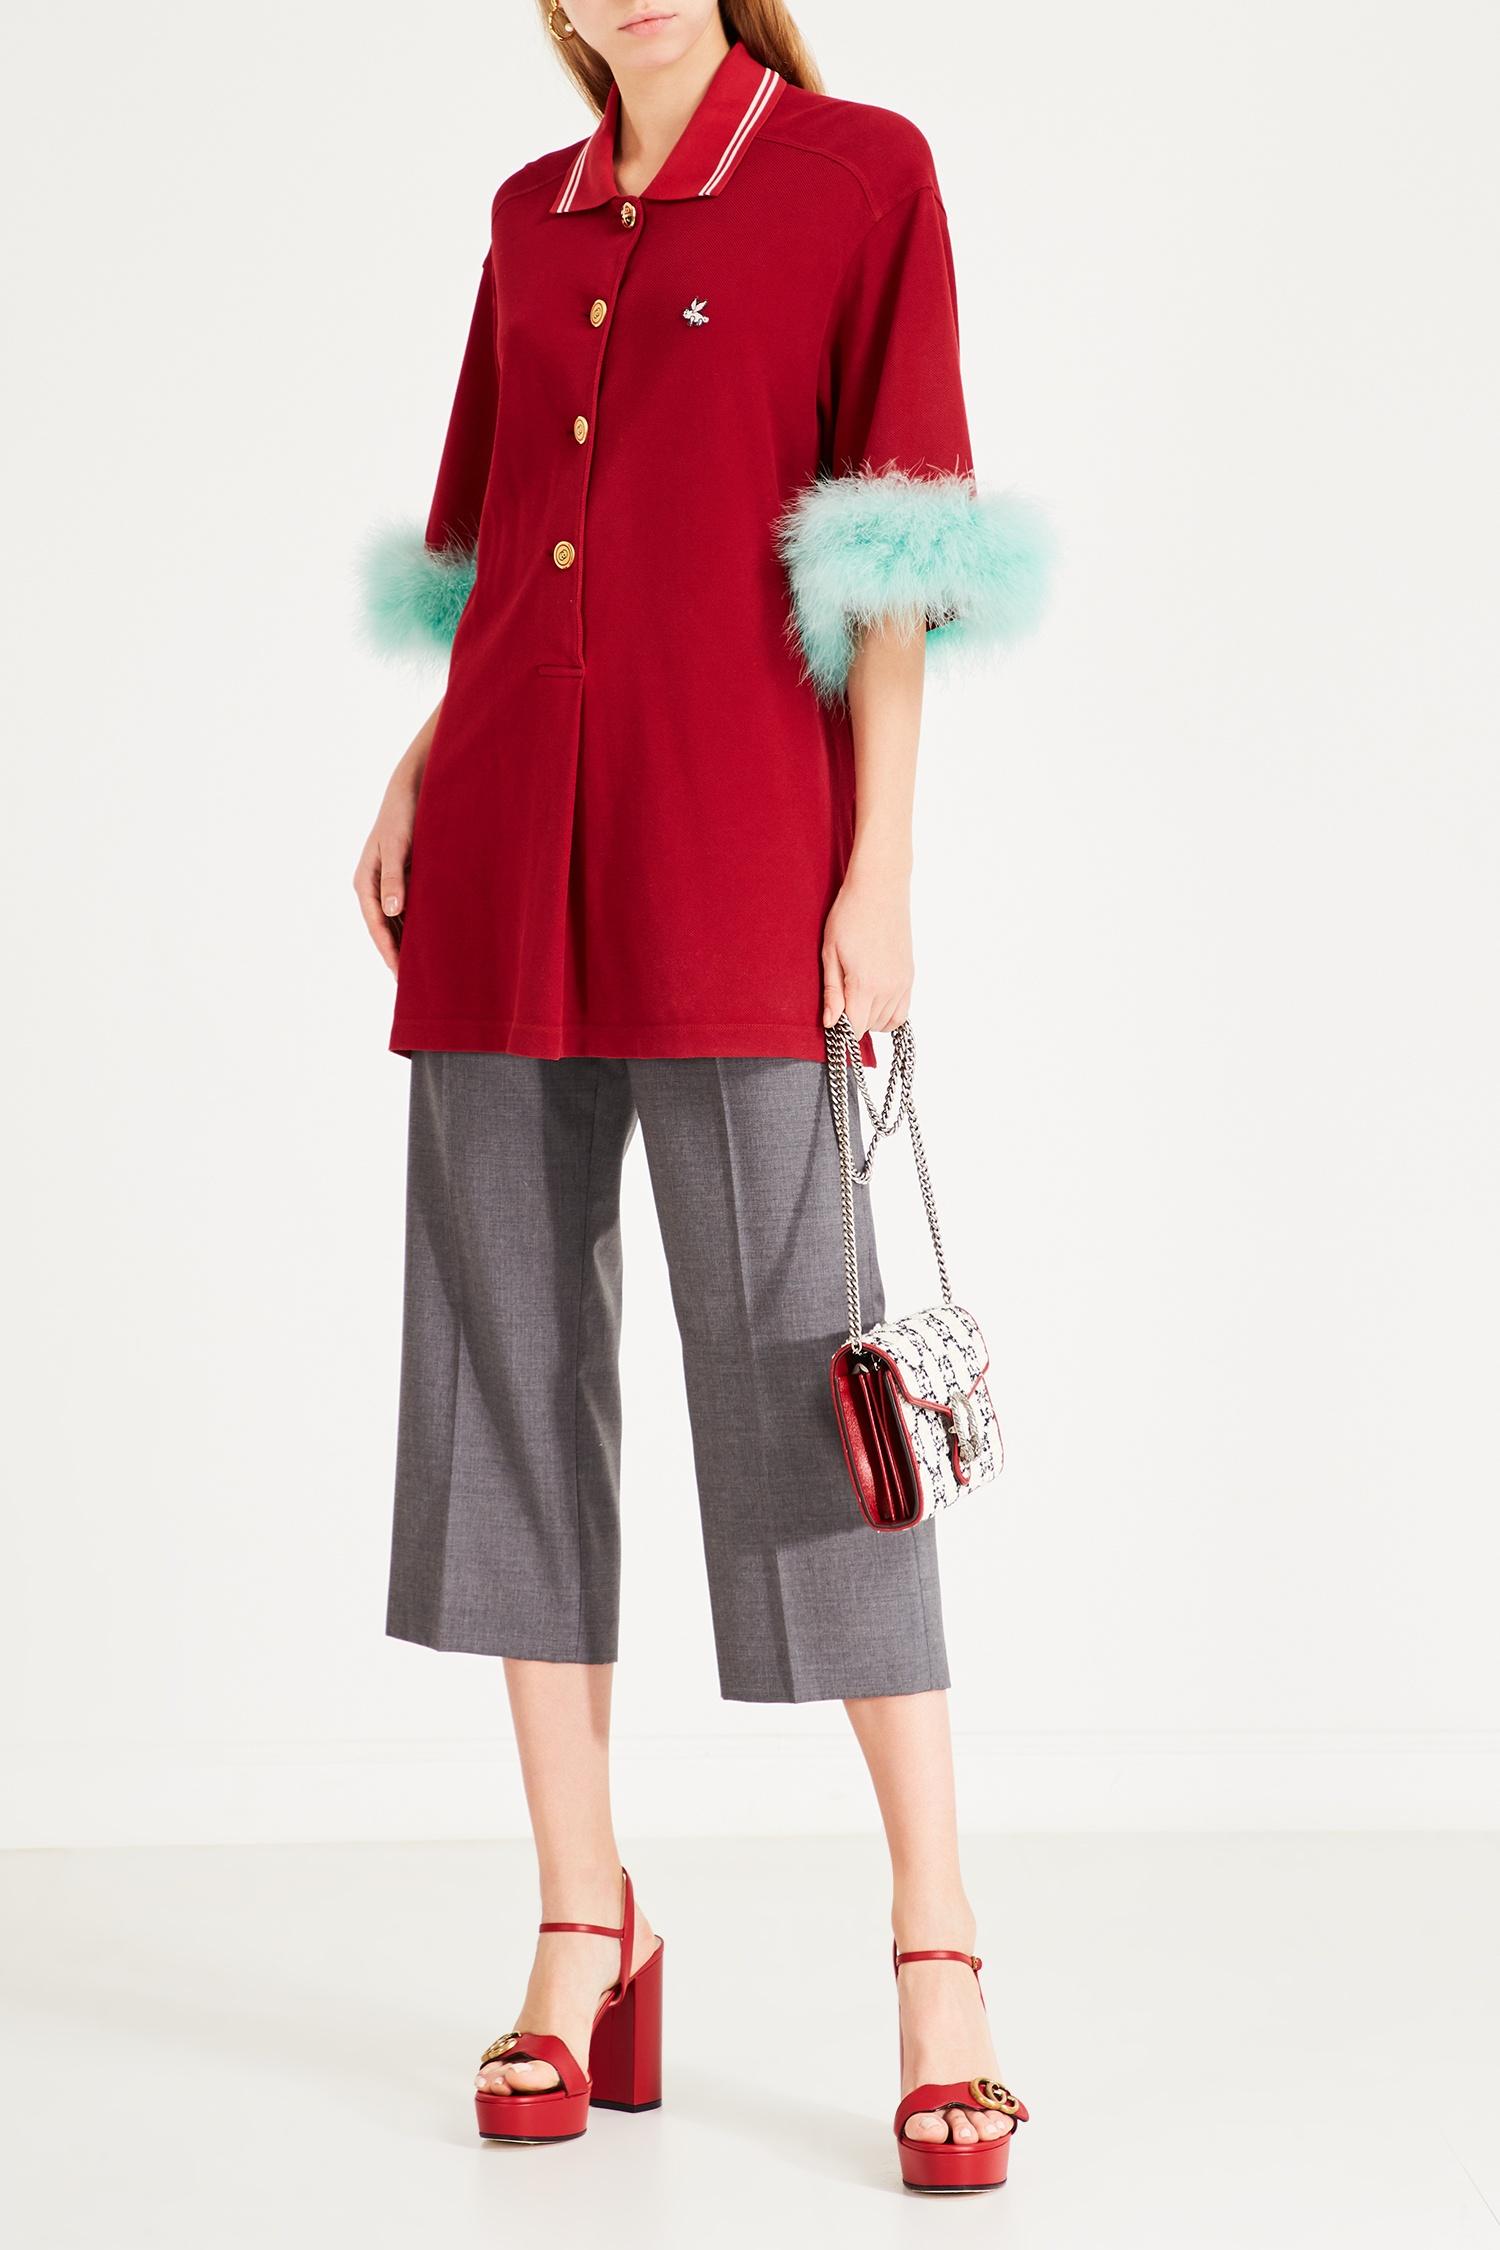 С чем носить лонгсливы и поло: топ-8 идей для модных женских образов